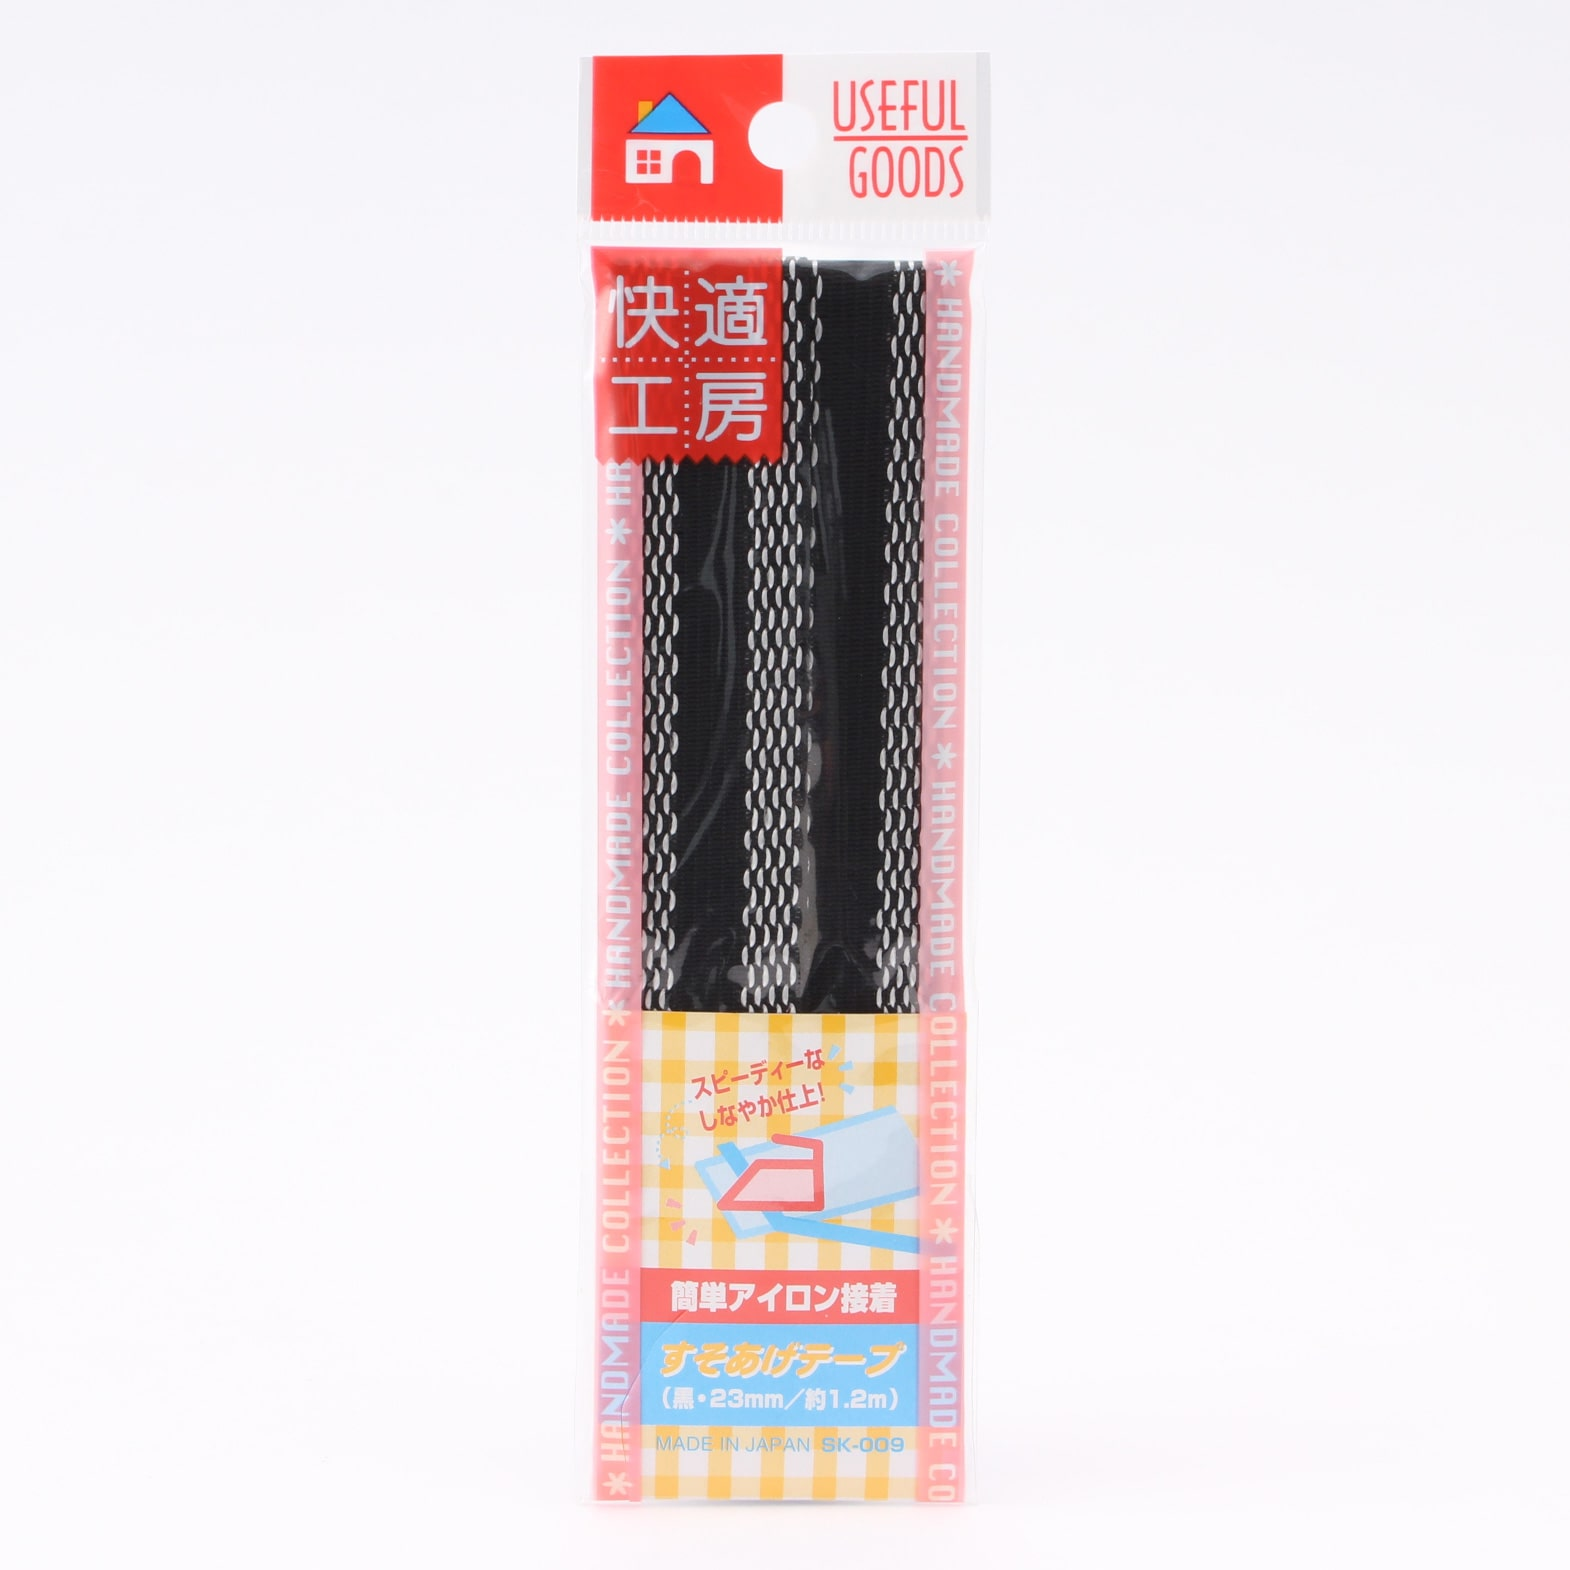 すそあげテープ 黒 SK-009